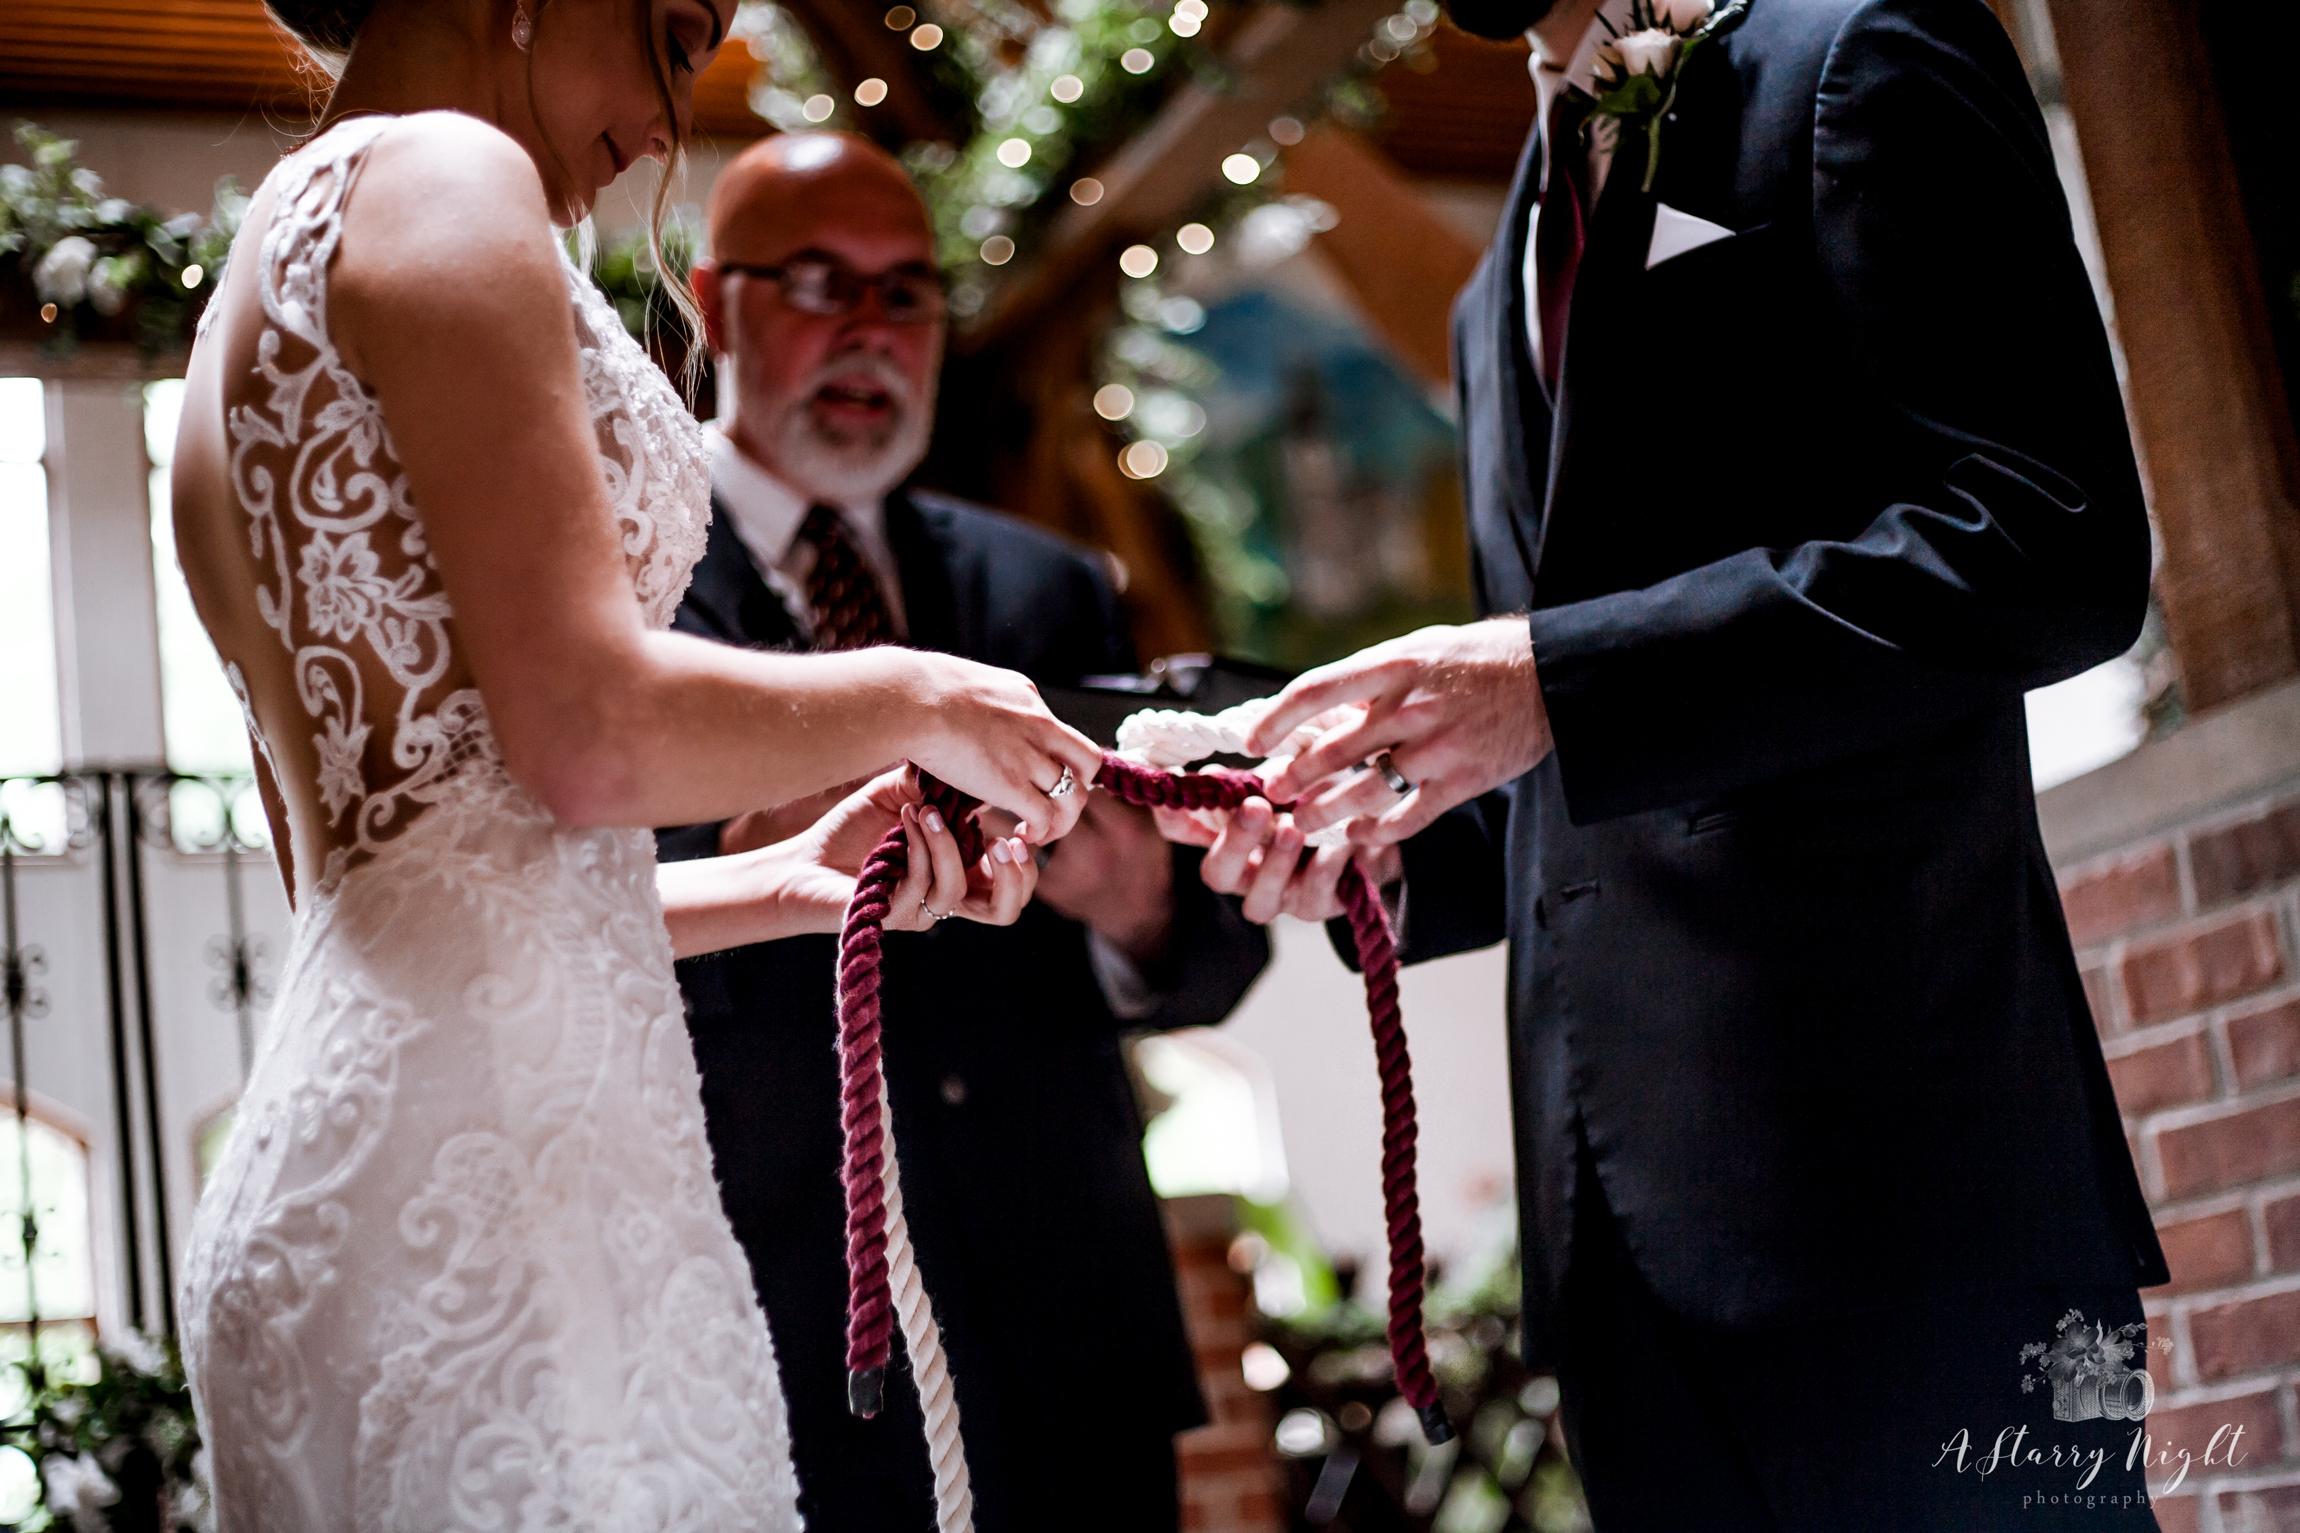 knot-tying-ceremony-frankenmuth-wedding.jpg